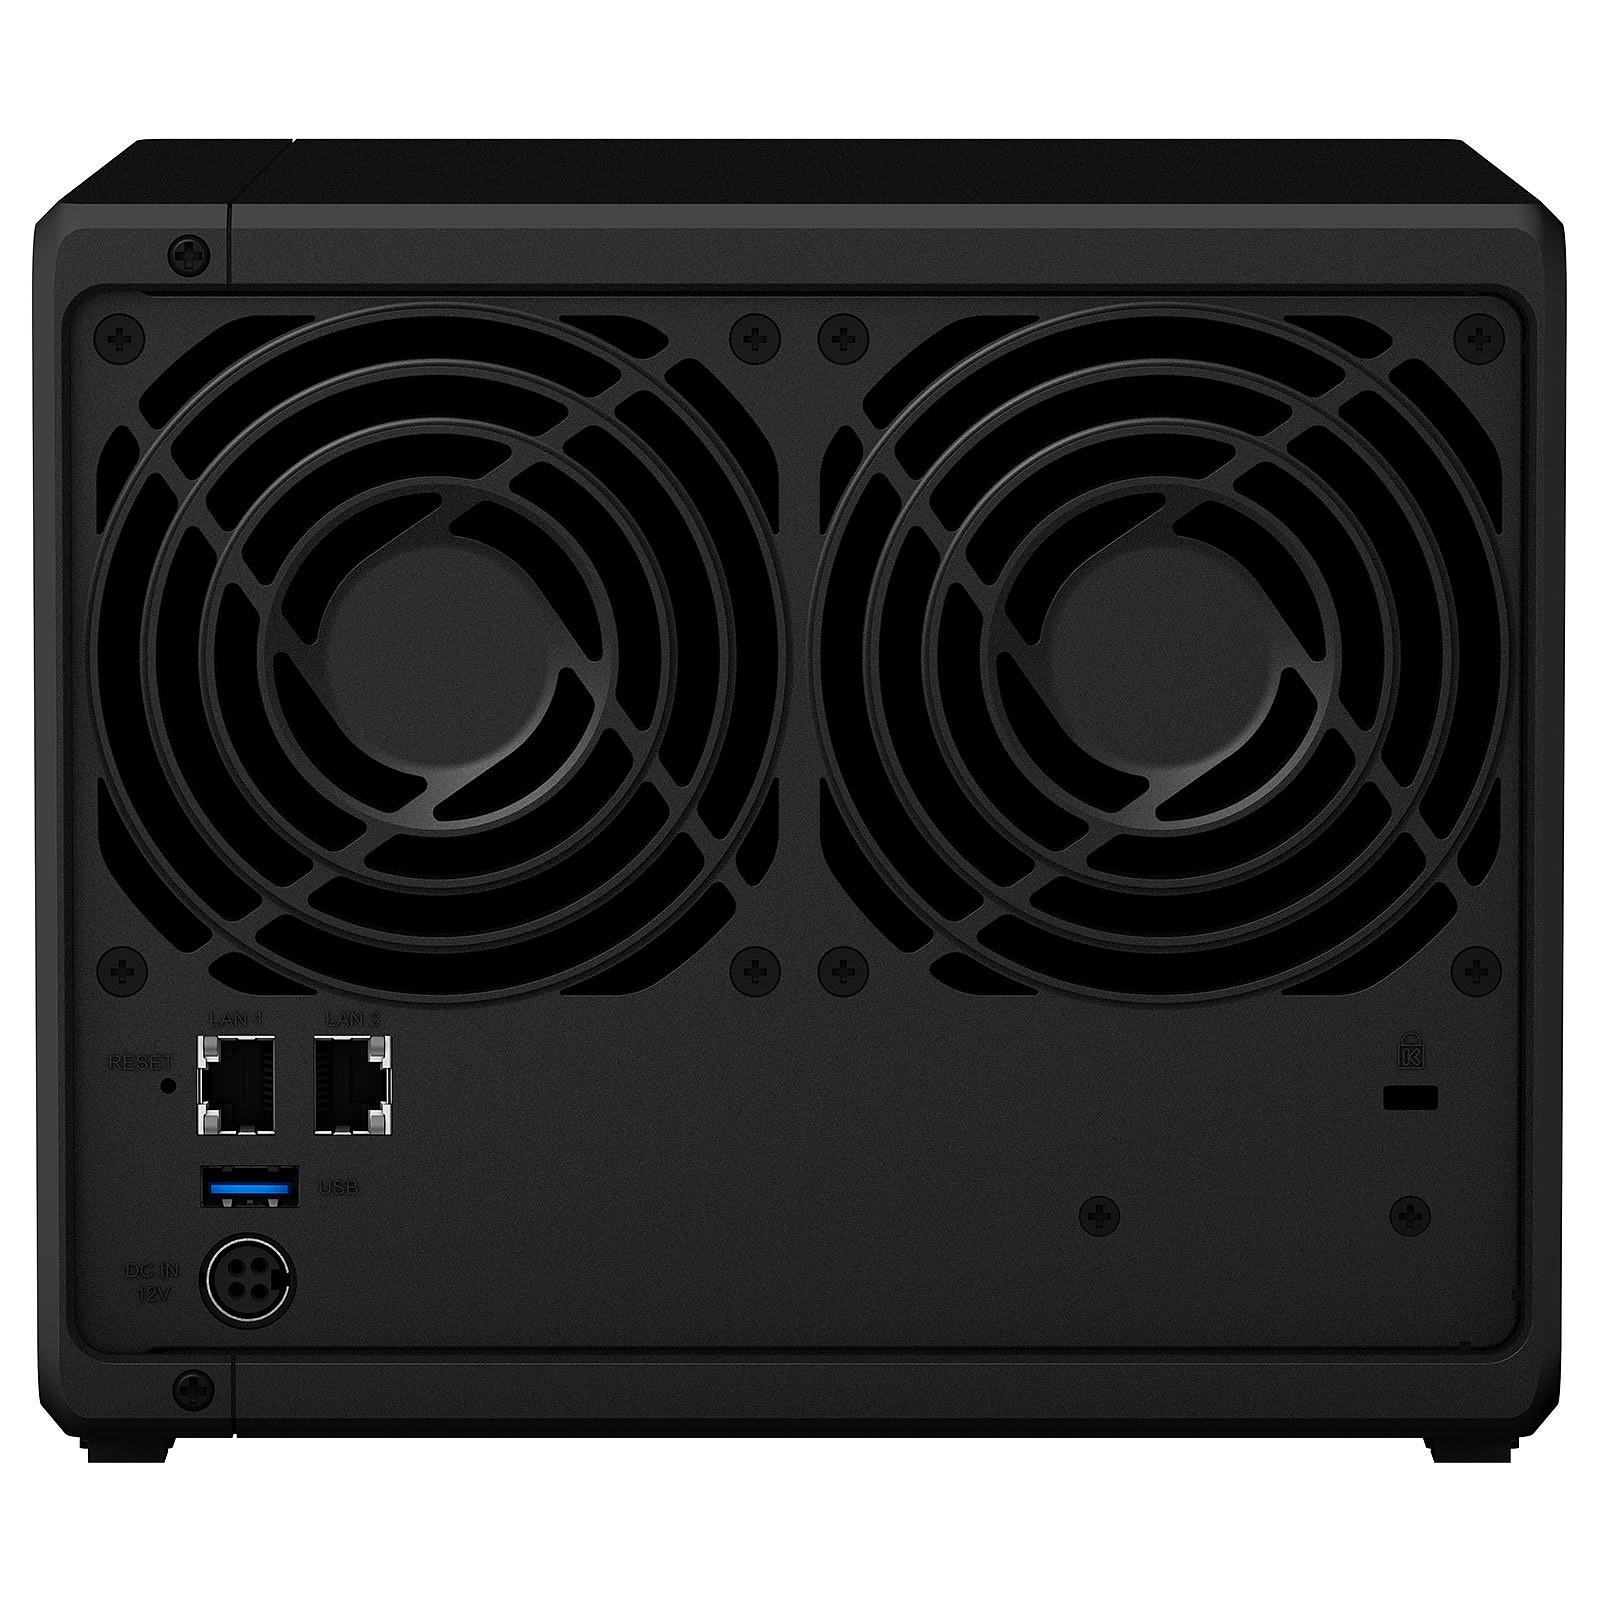 Serveur NAS hautes performances Synology DS420+ pour 4 disques durs SATA, Informatique ile de la Réunion 974